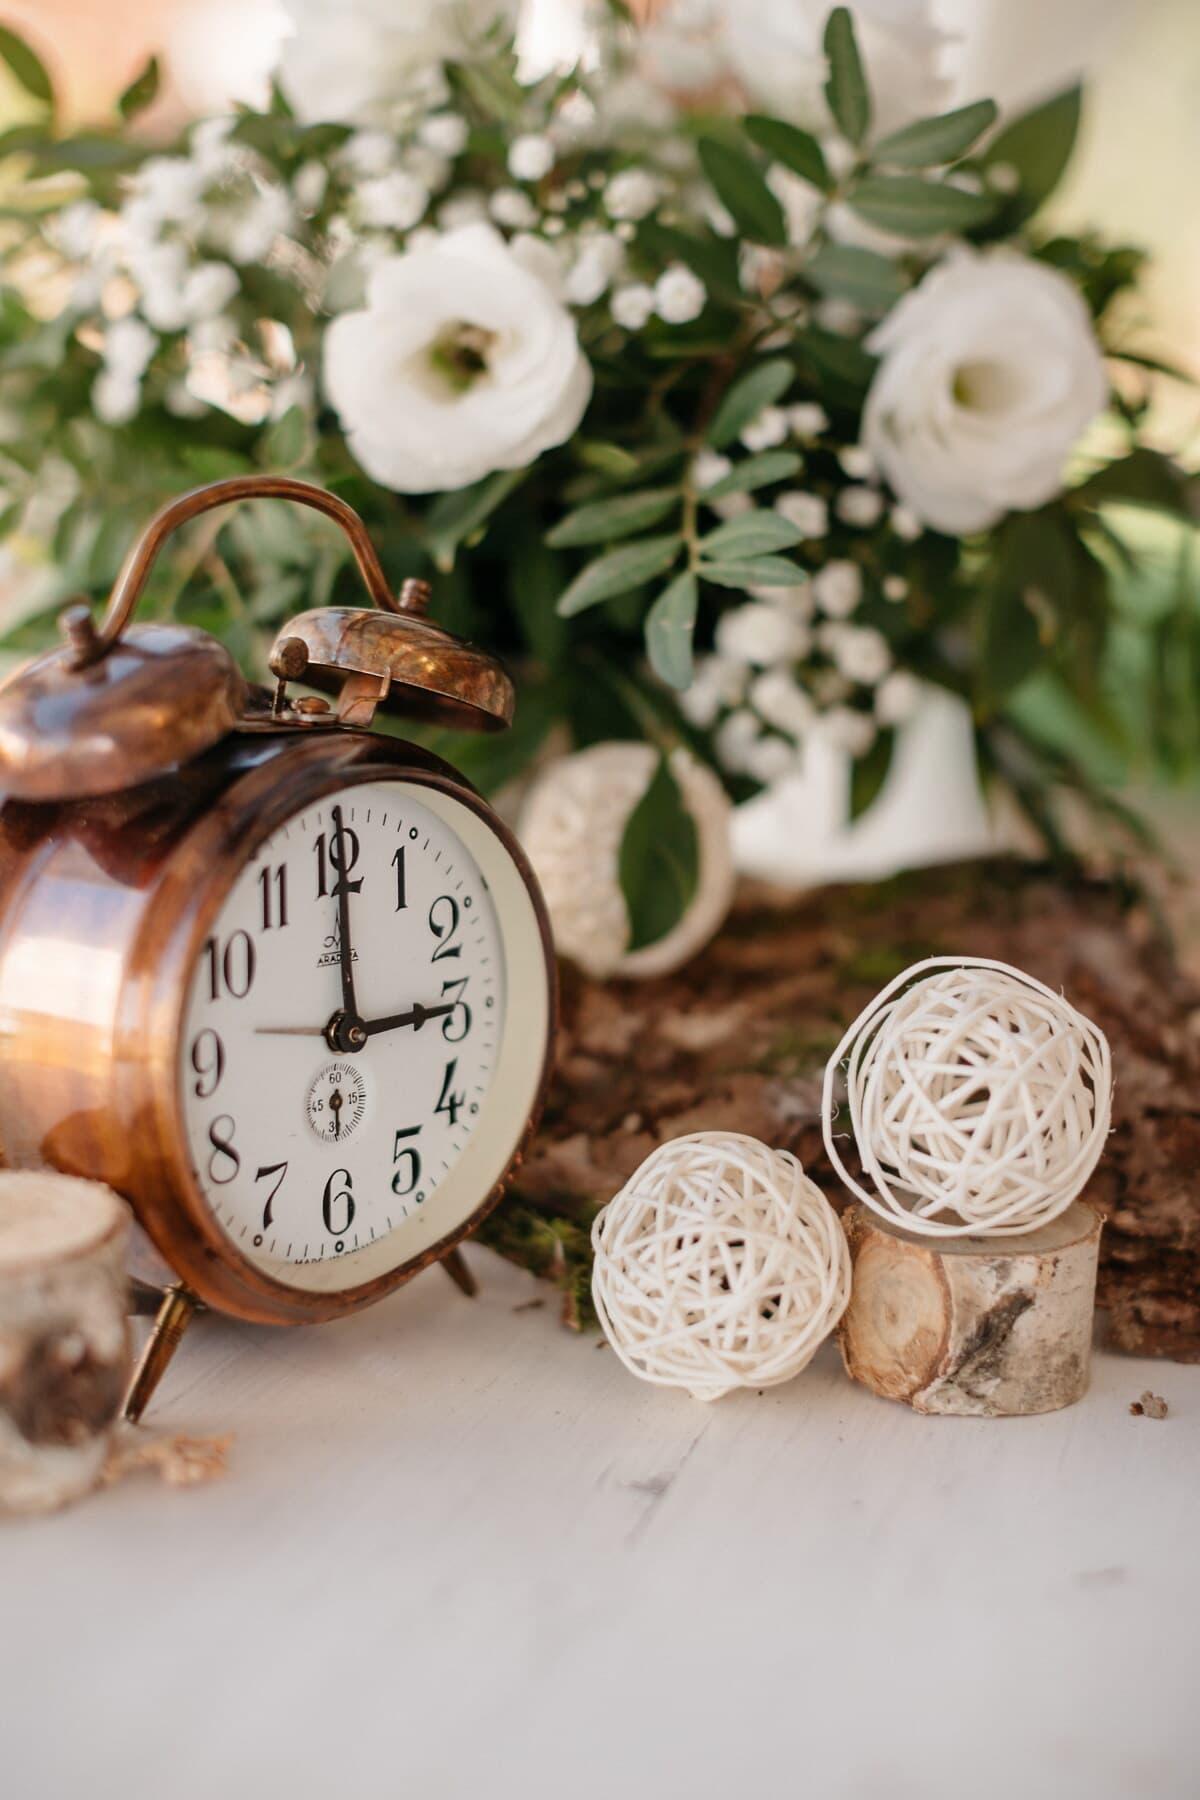 cuivre, horloge analogique, vintage, temps, objet, horloge, nature, nature morte, bois, Retro